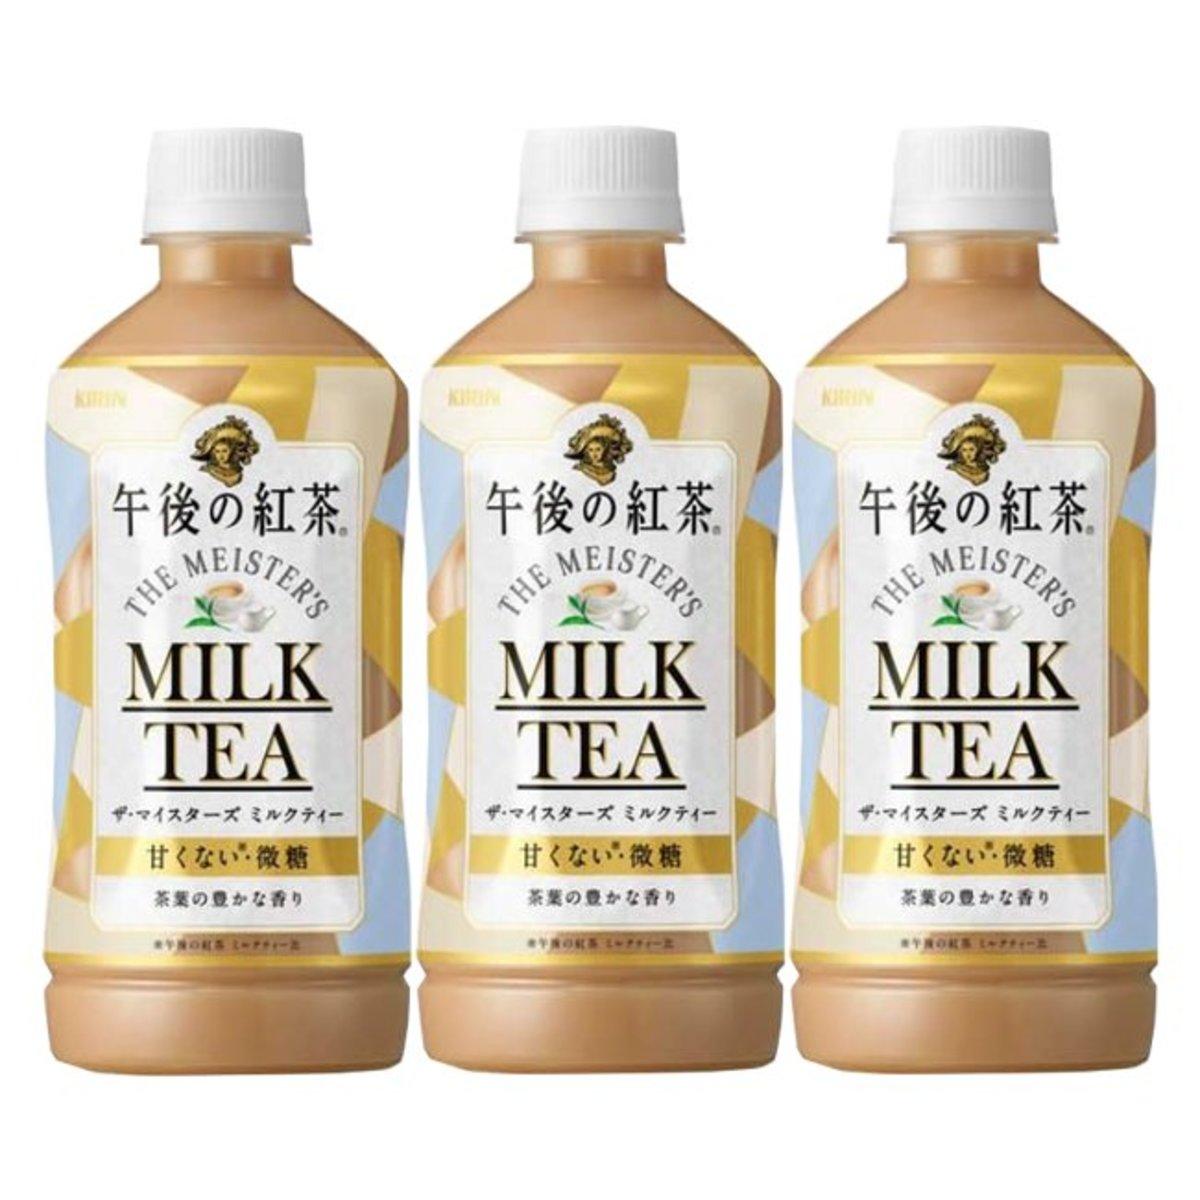 麒麟 午後紅茶先生奶茶 500ML X 3